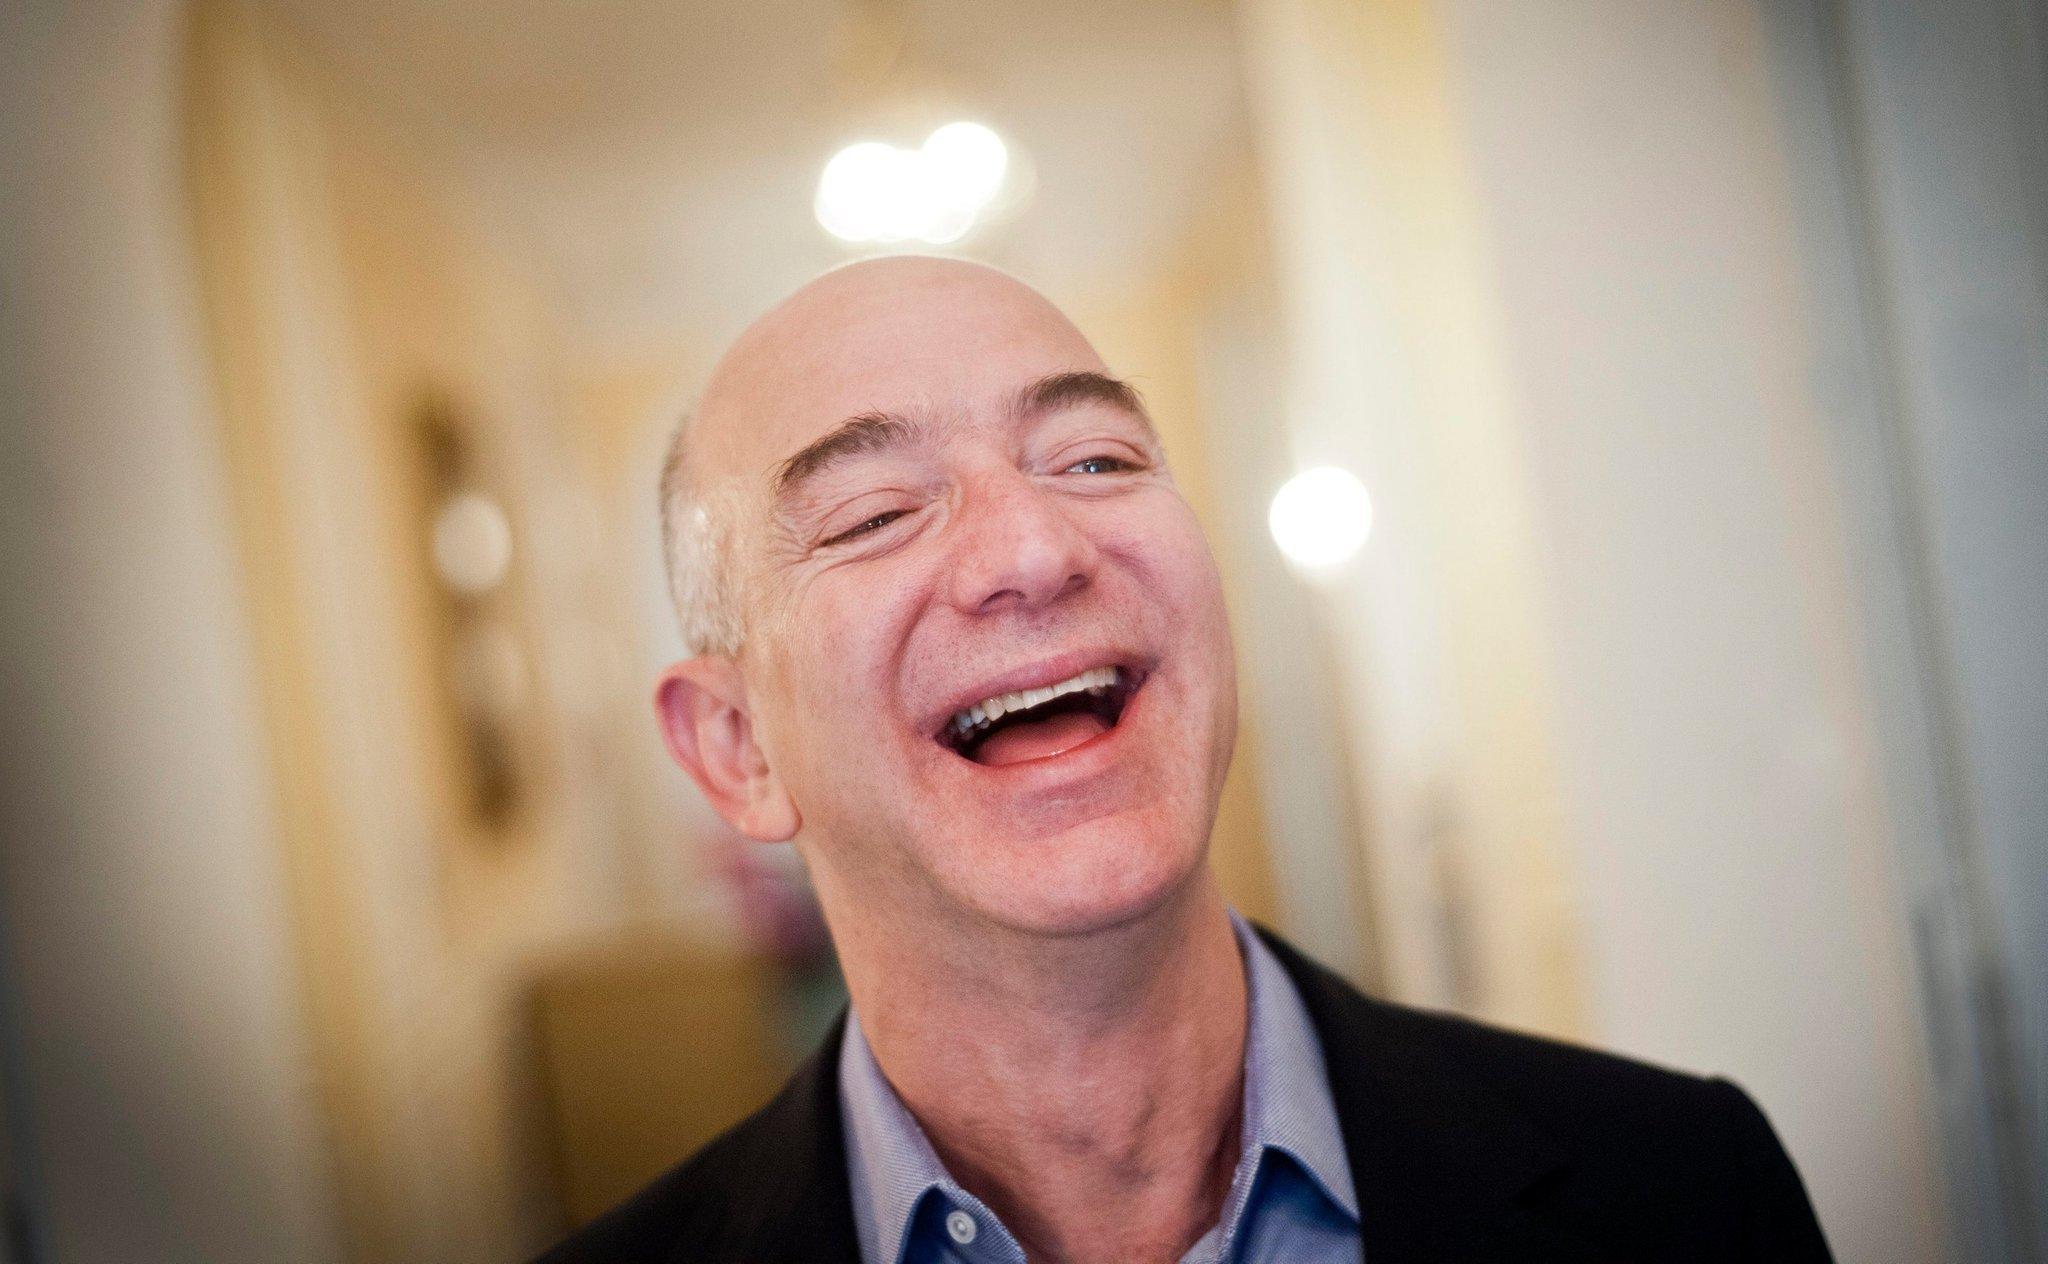 Jeff-Bezos-Pictures